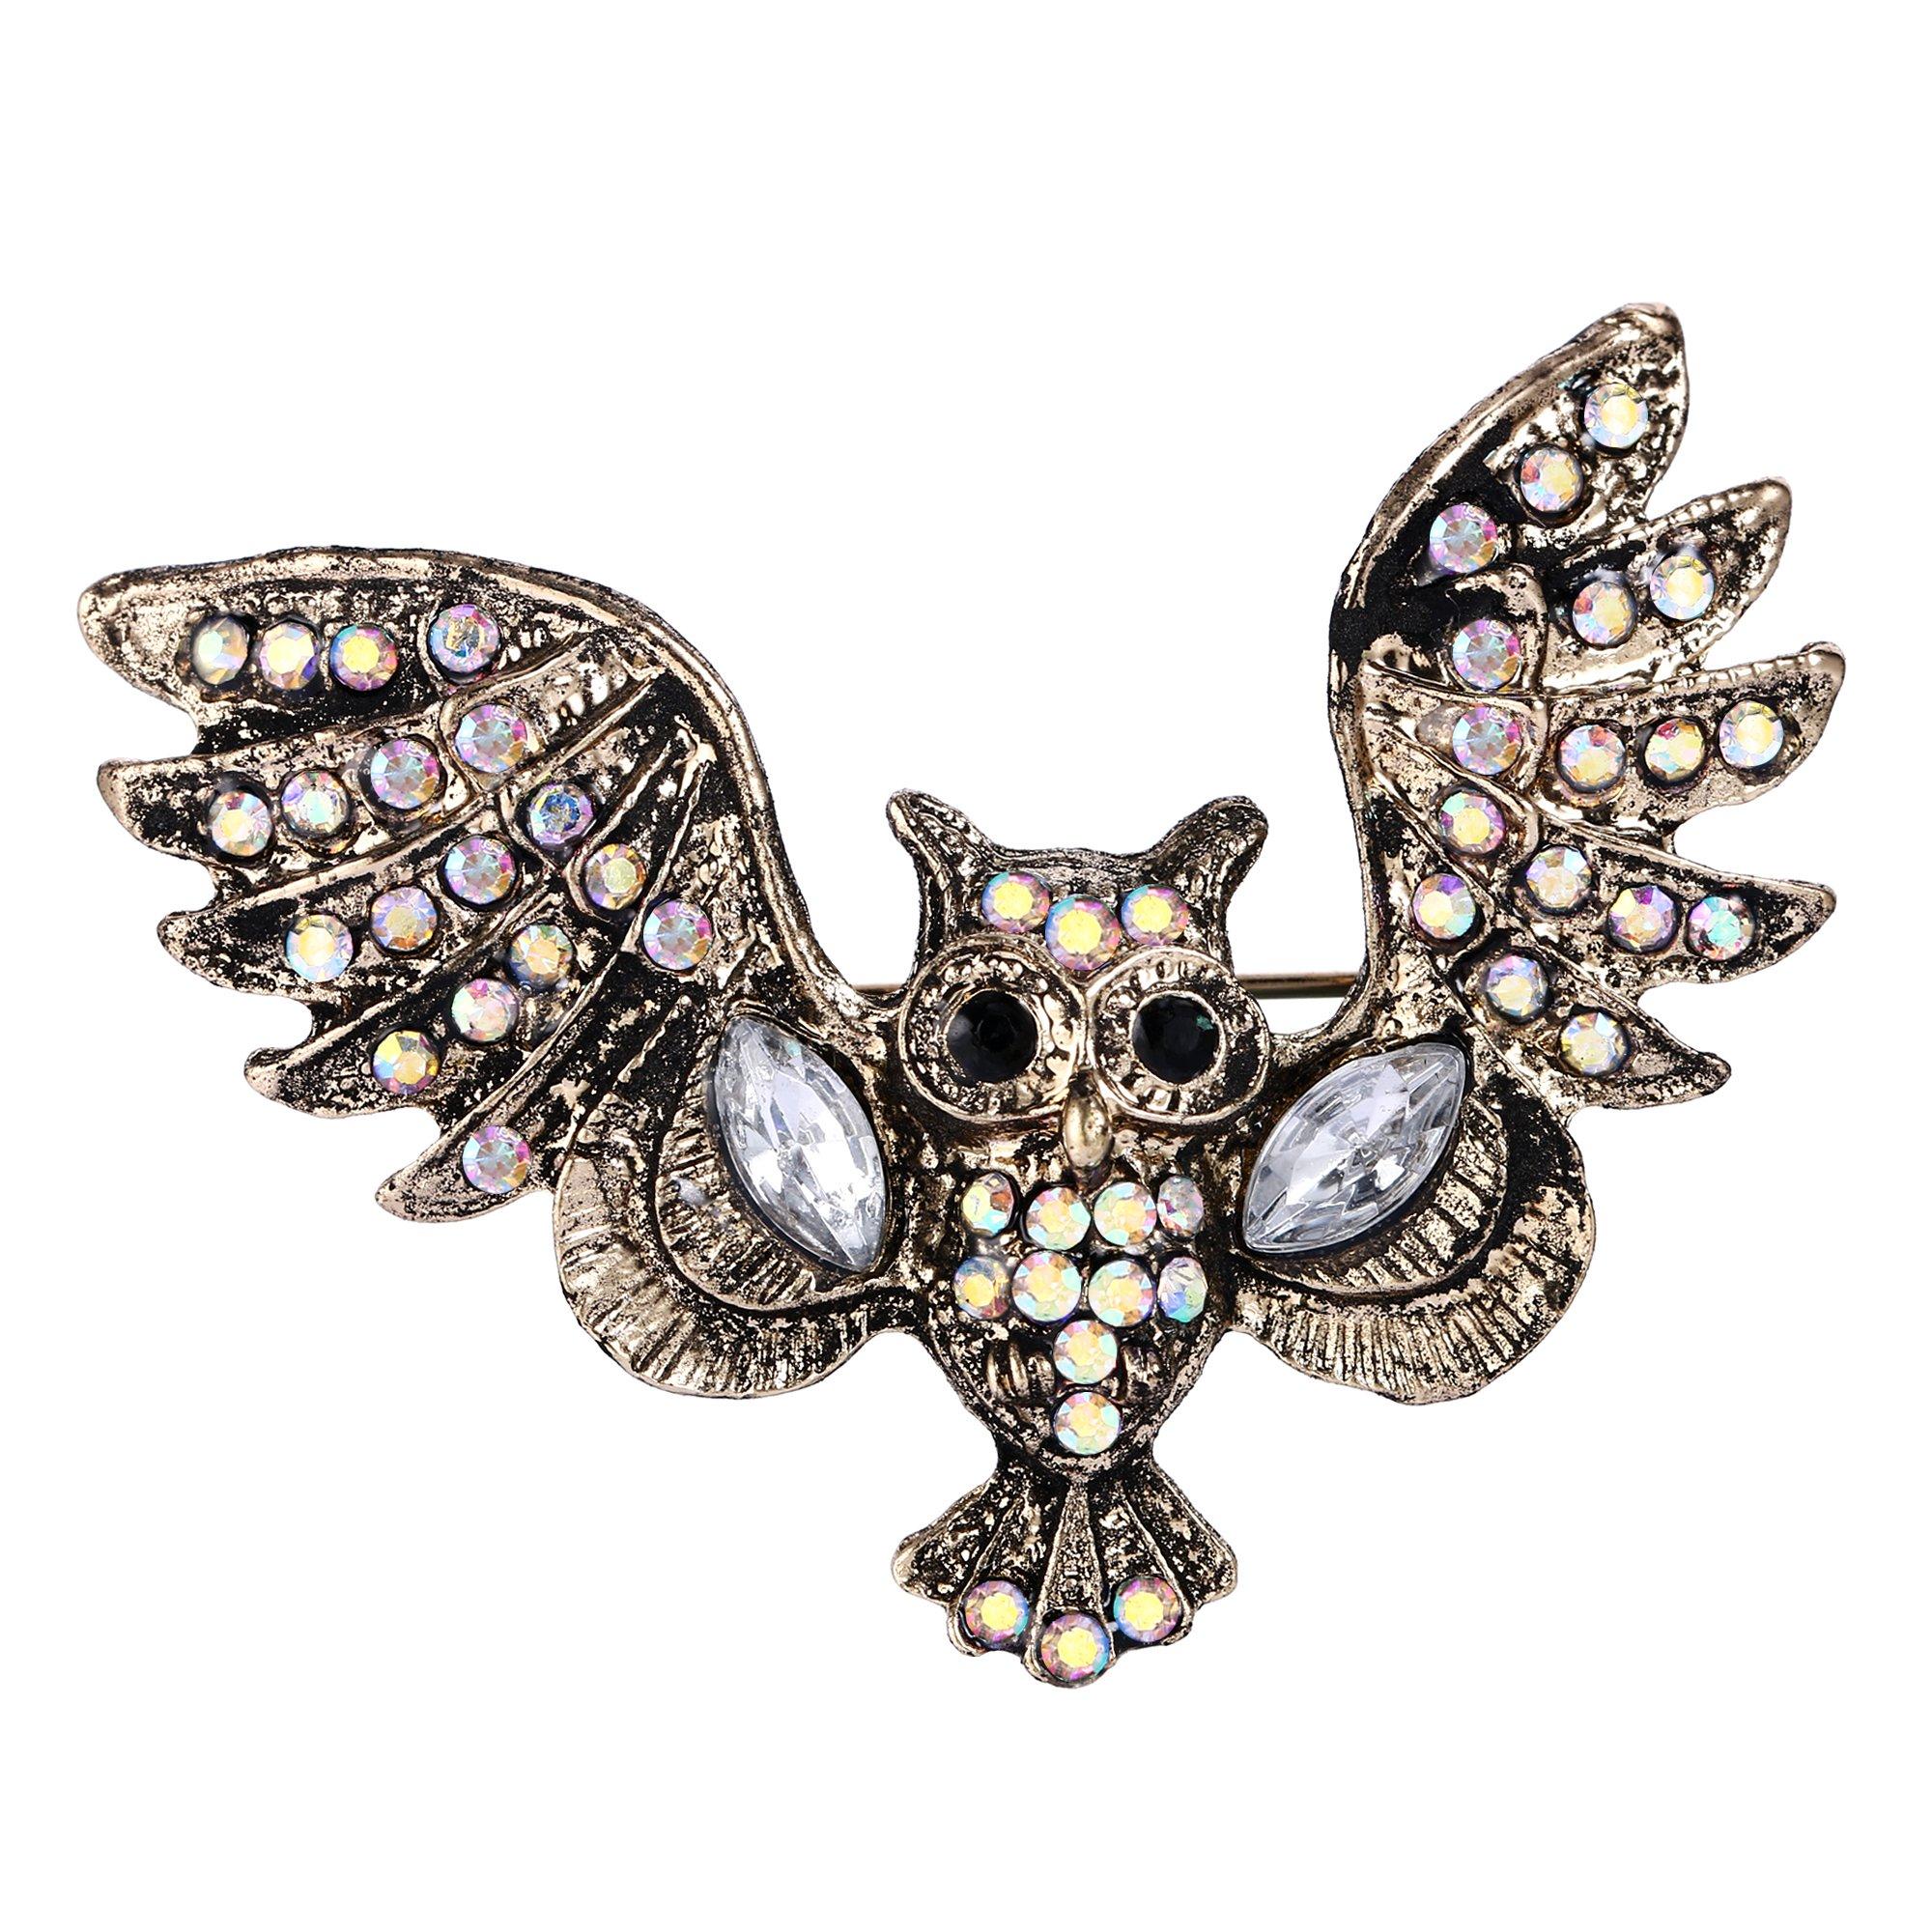 EVER FAITH Austrian Crystal Vintage Style Art Deco Owl Bird Brooch Pin Iridescent Clear AB Gold-Tone